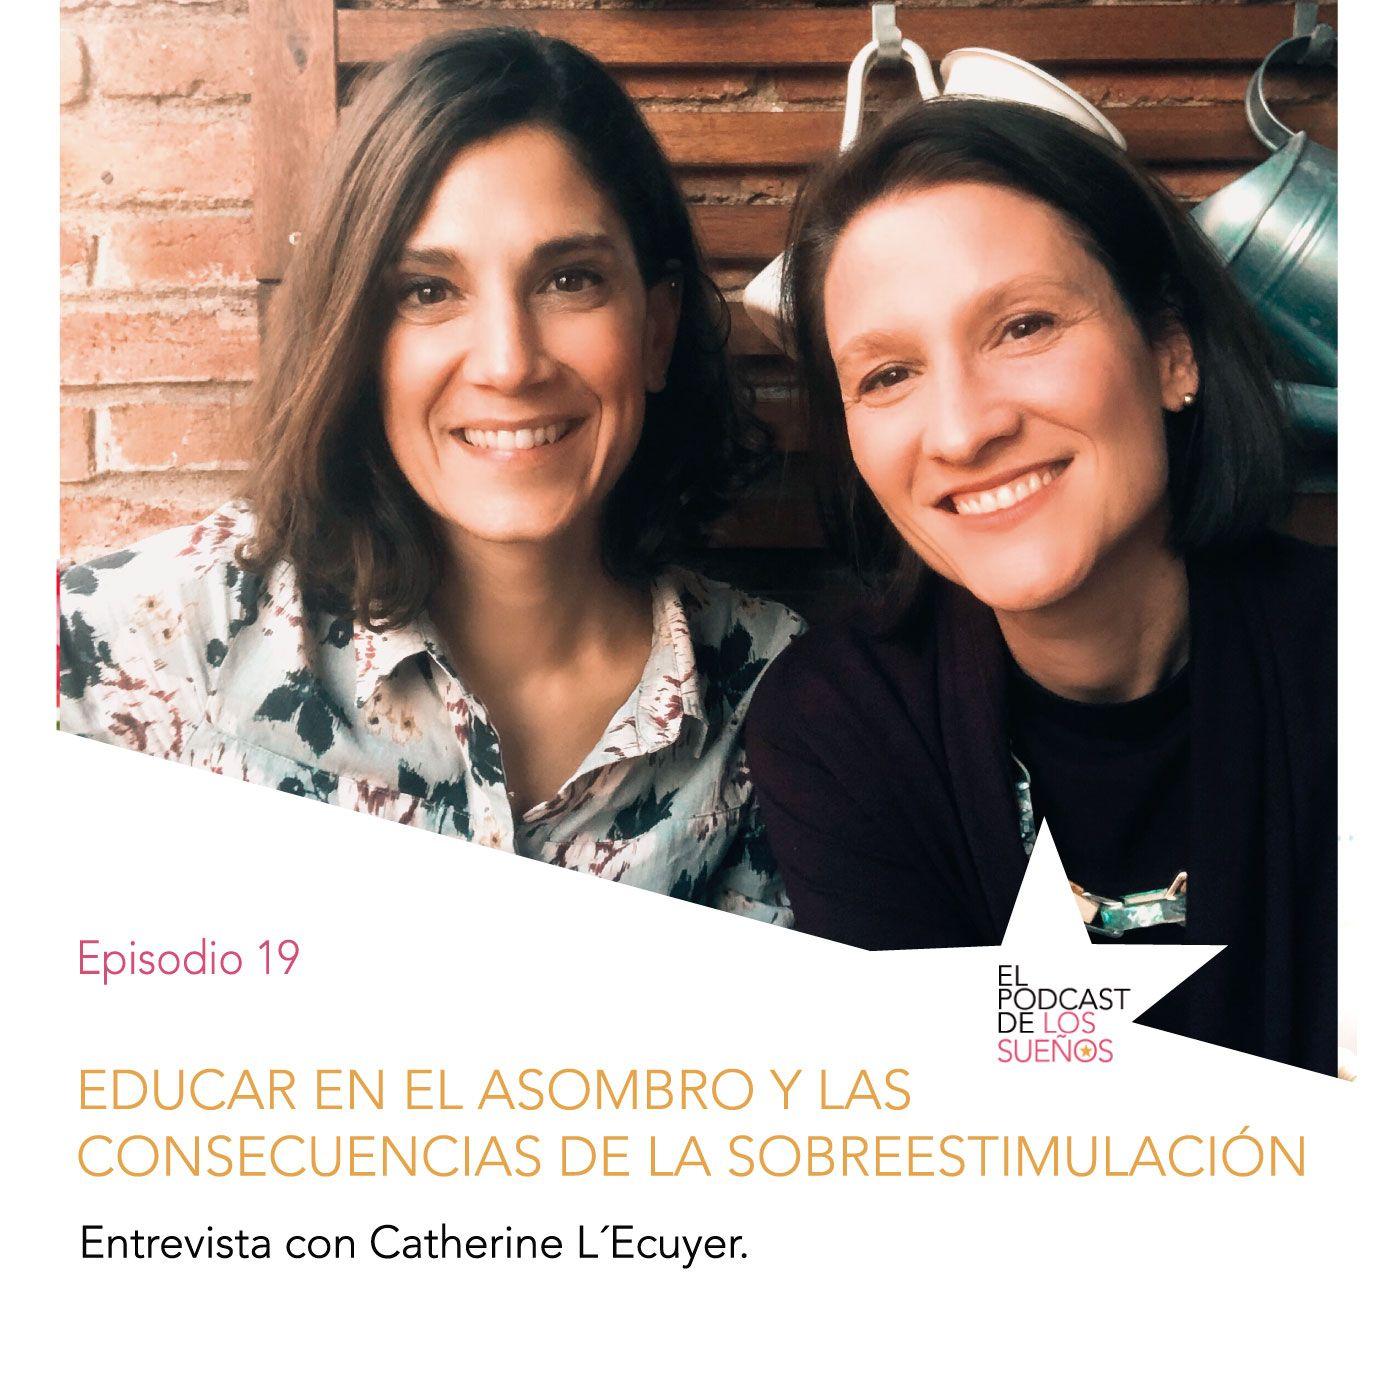 Educar en el asombro y consecuencias de la sobreestimulación en los niños. Ep.19